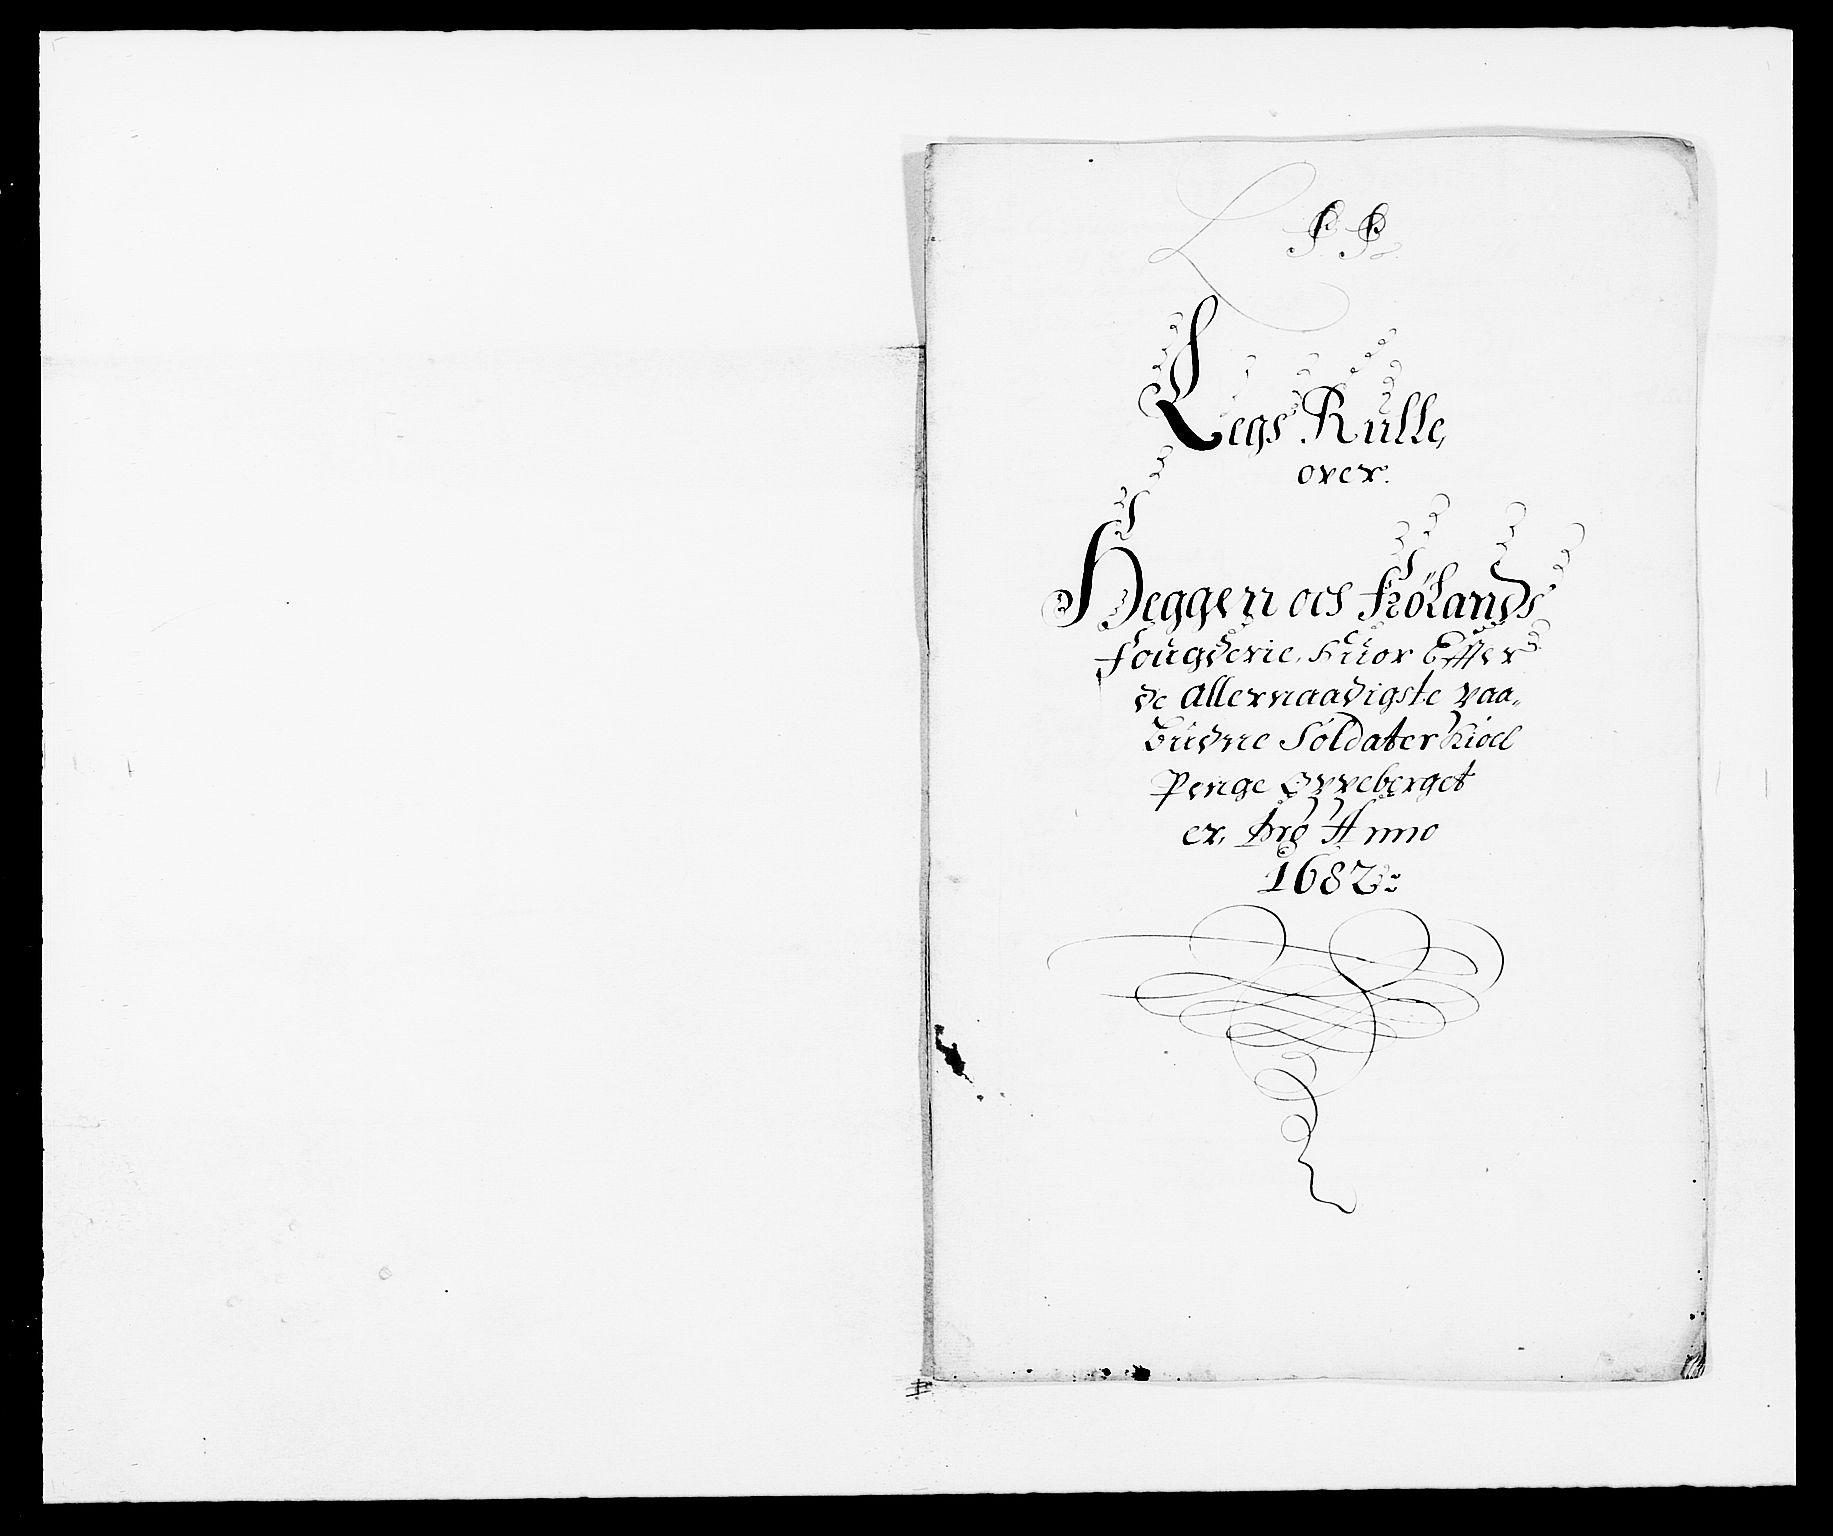 RA, Rentekammeret inntil 1814, Reviderte regnskaper, Fogderegnskap, R06/L0280: Fogderegnskap Heggen og Frøland, 1681-1684, s. 321